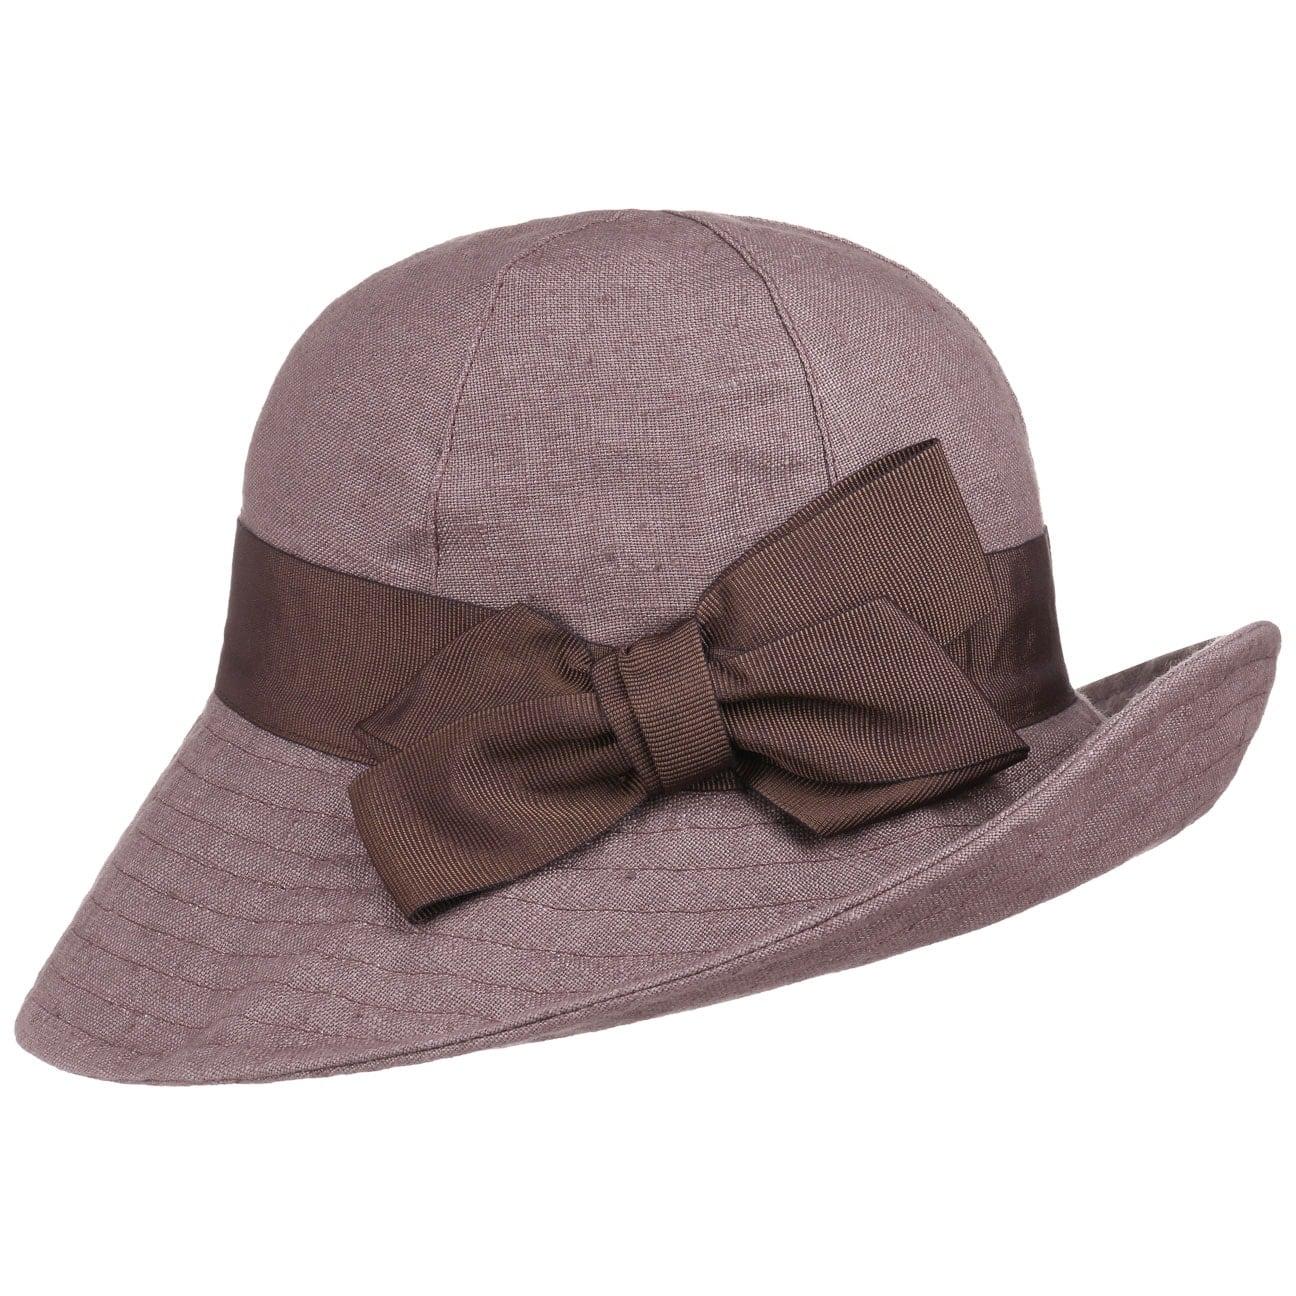 Sombrero ad ala Ancha de Lino by bedacht  sombrero de mujer